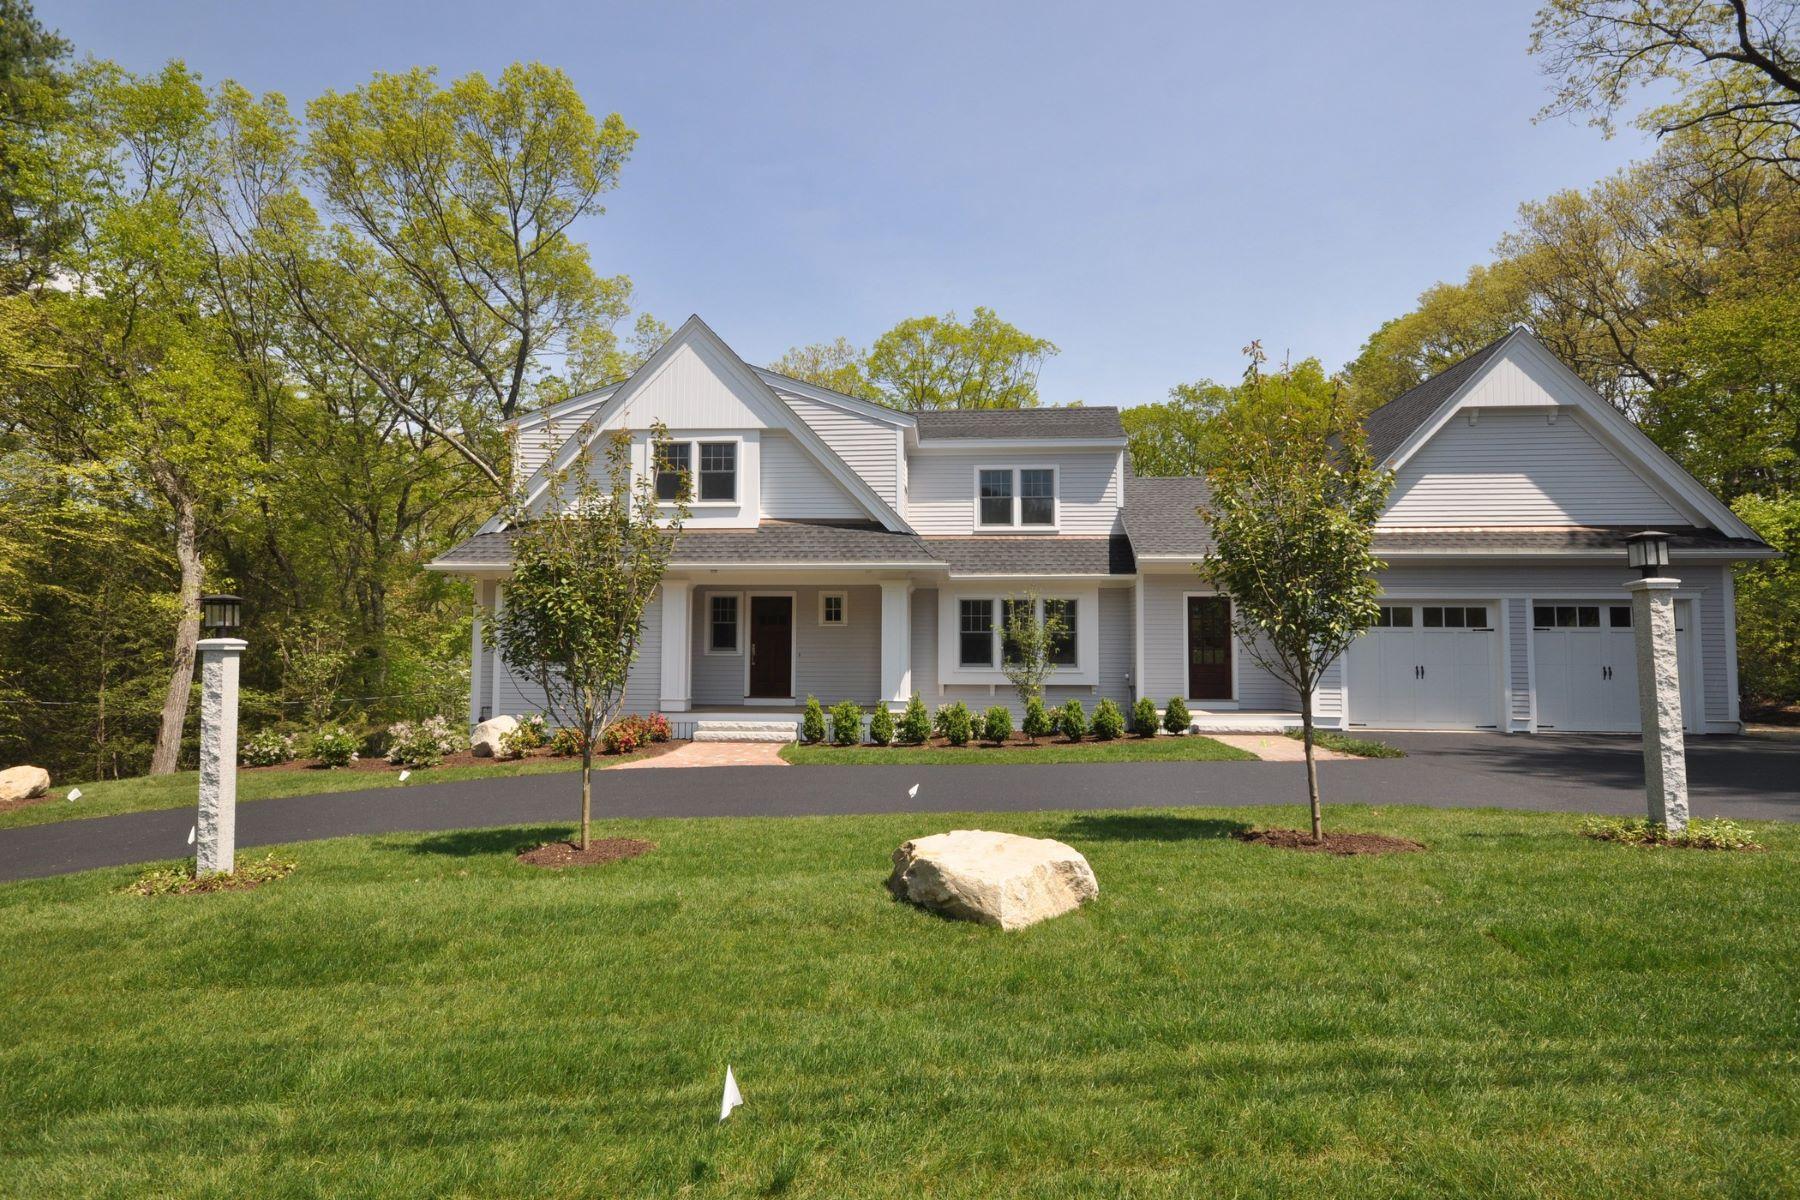 独户住宅 为 销售 在 Stylish New Construction 25 Oxbow Rd 康科德, 马萨诸塞州, 01742 美国